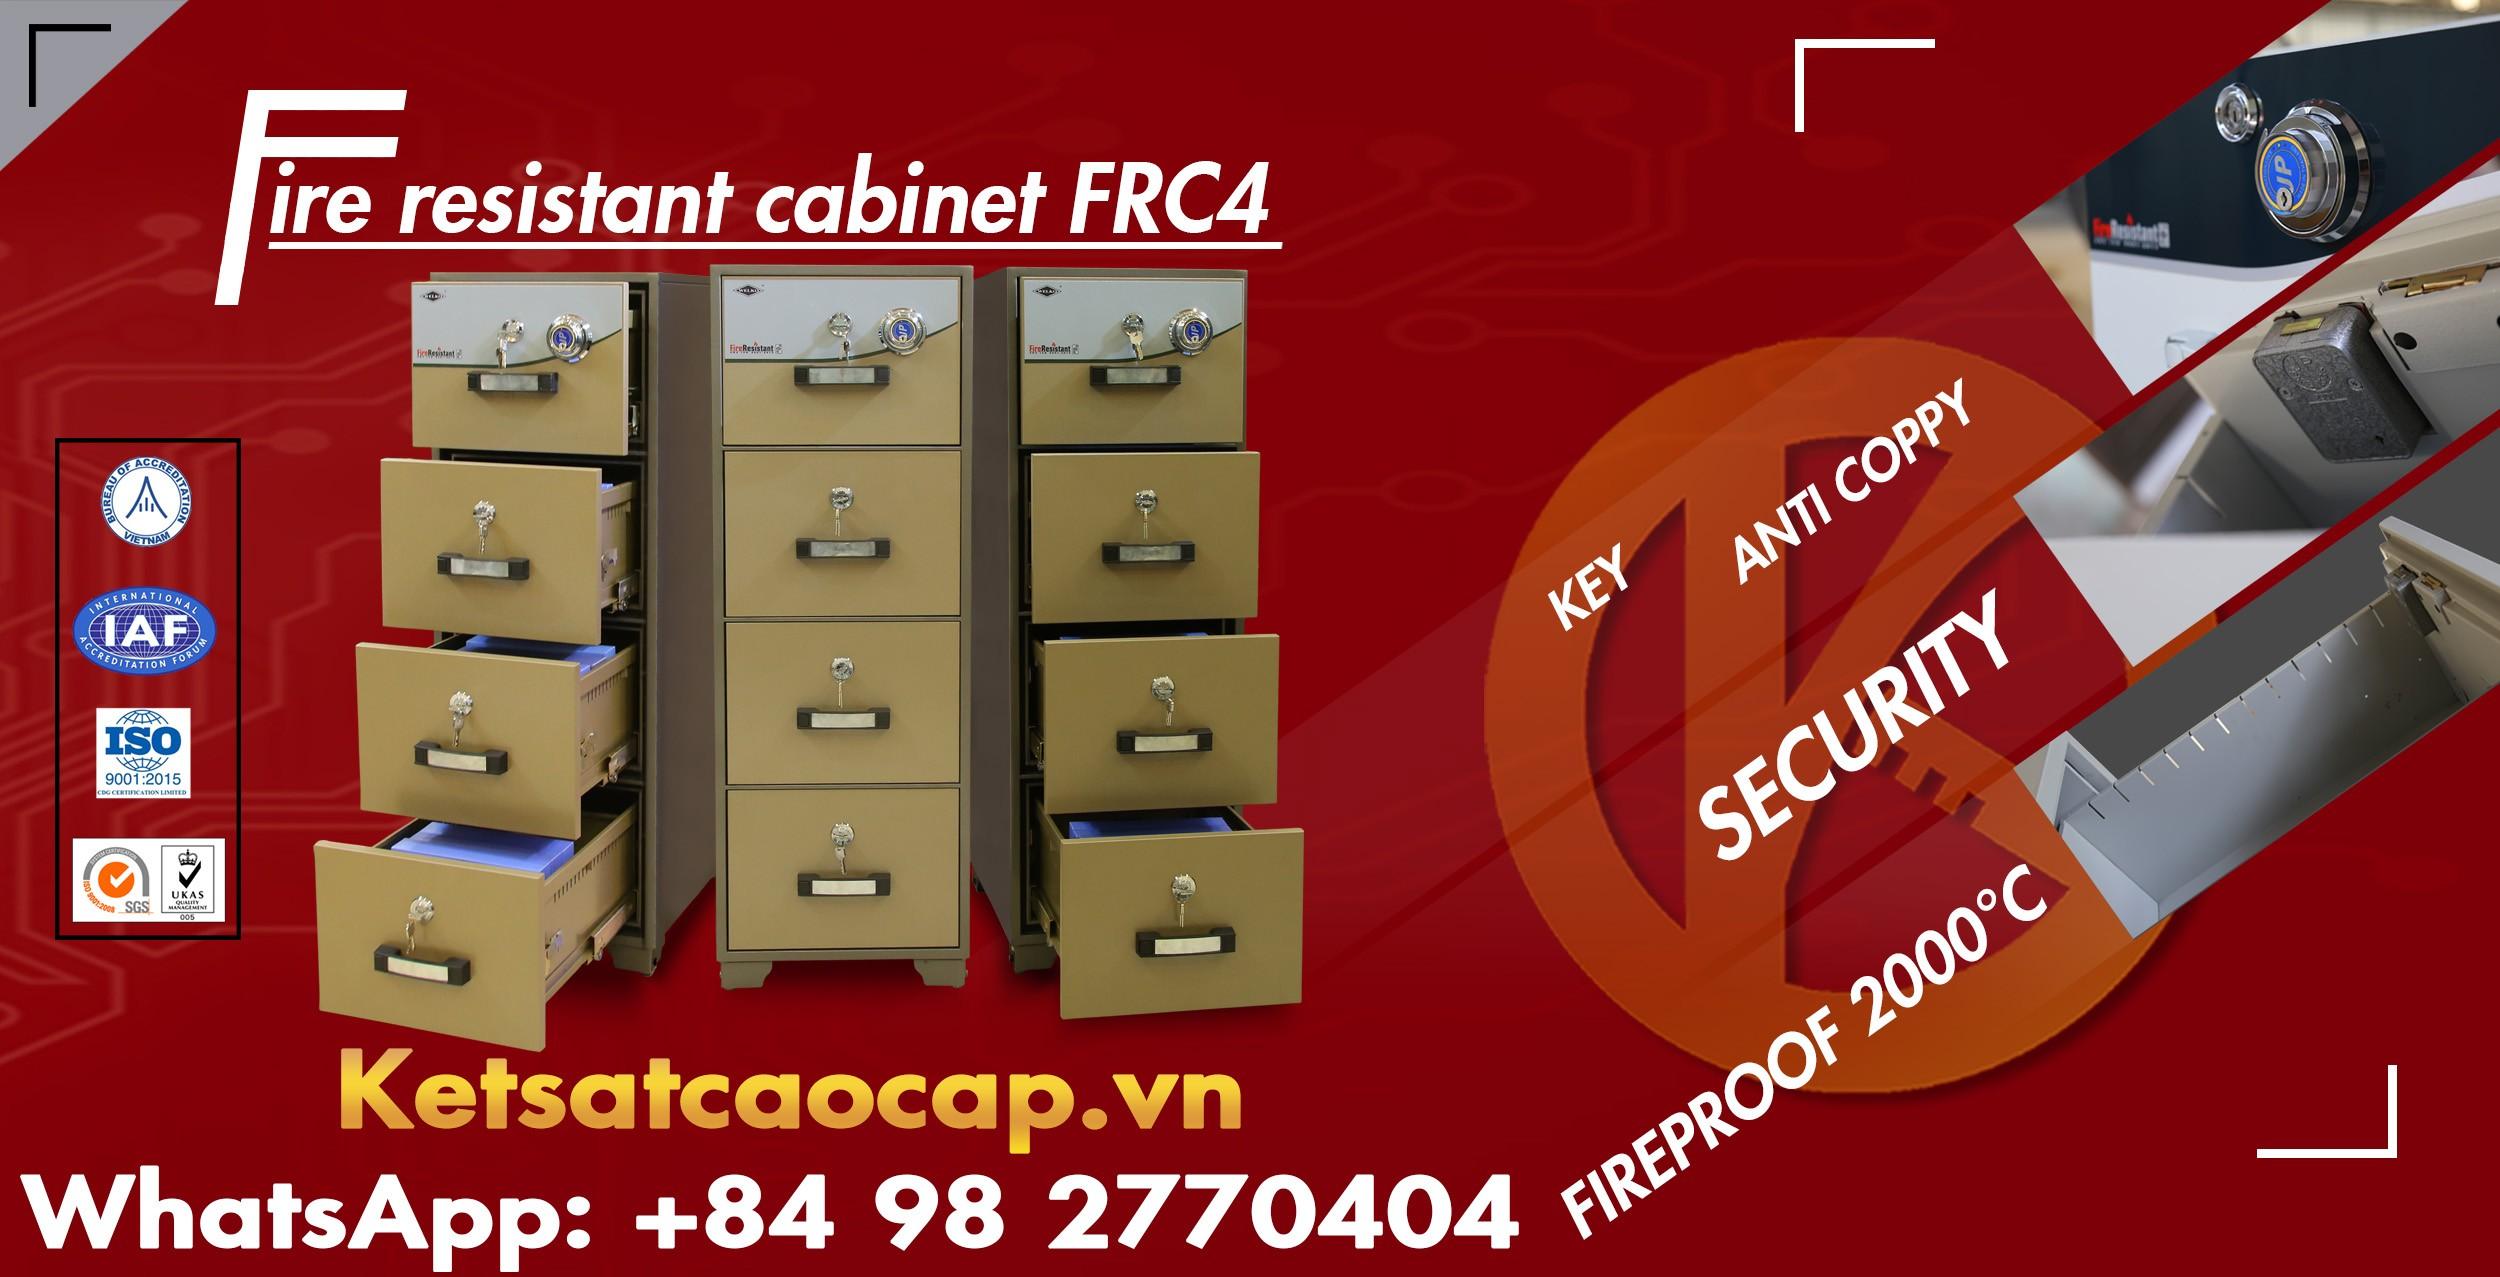 hình ảnh sản phẩm nơi mua tủ hồ sơ ngân hàng chống cháy